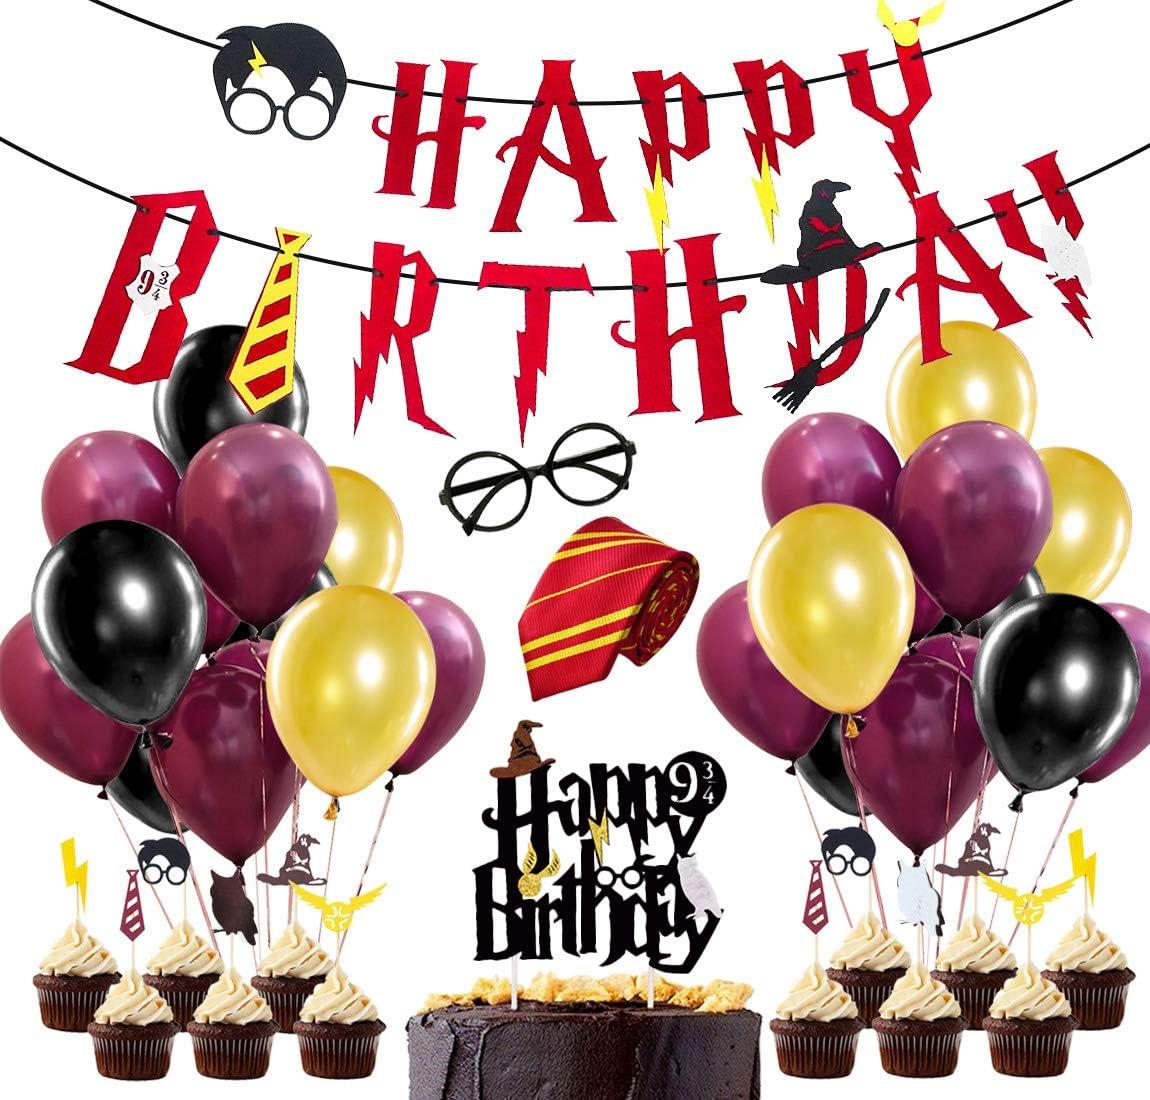 Suministros para la Fiesta de Harry Potter, Estandarte de cumpleaños, Rojo Vino, Corbata a Rayas, Gafas de Mago, Primeros de Pastel para Decoraciones de Fiesta de cumpleaños